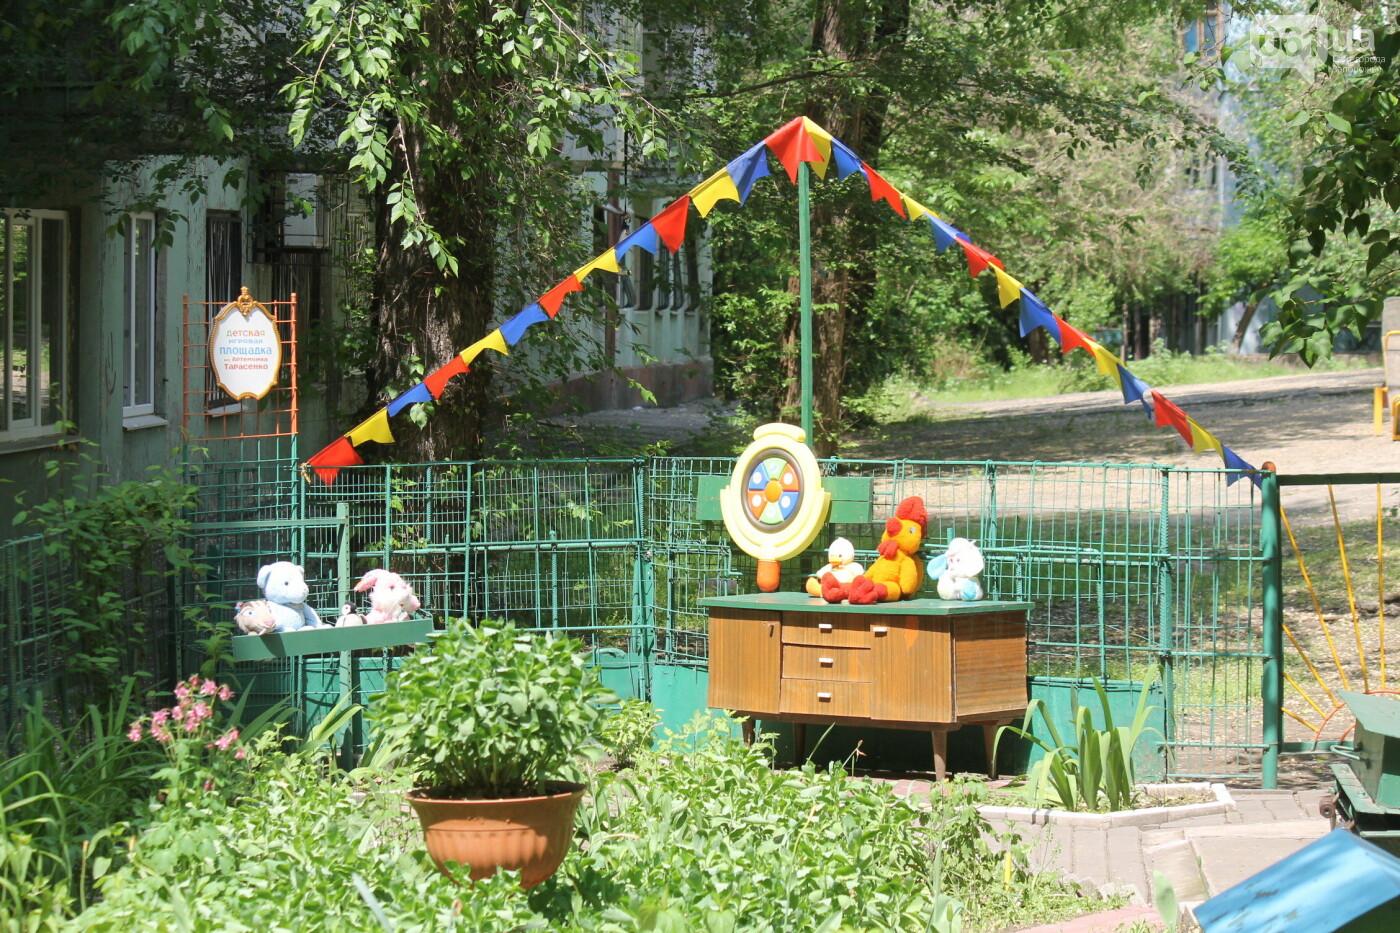 Сказочный городок дедушки Евгения: как запорожский пенсионер превратил заброшенный палисадник в зону для детей, – ФОТОРЕПОРТАЖ, фото-5